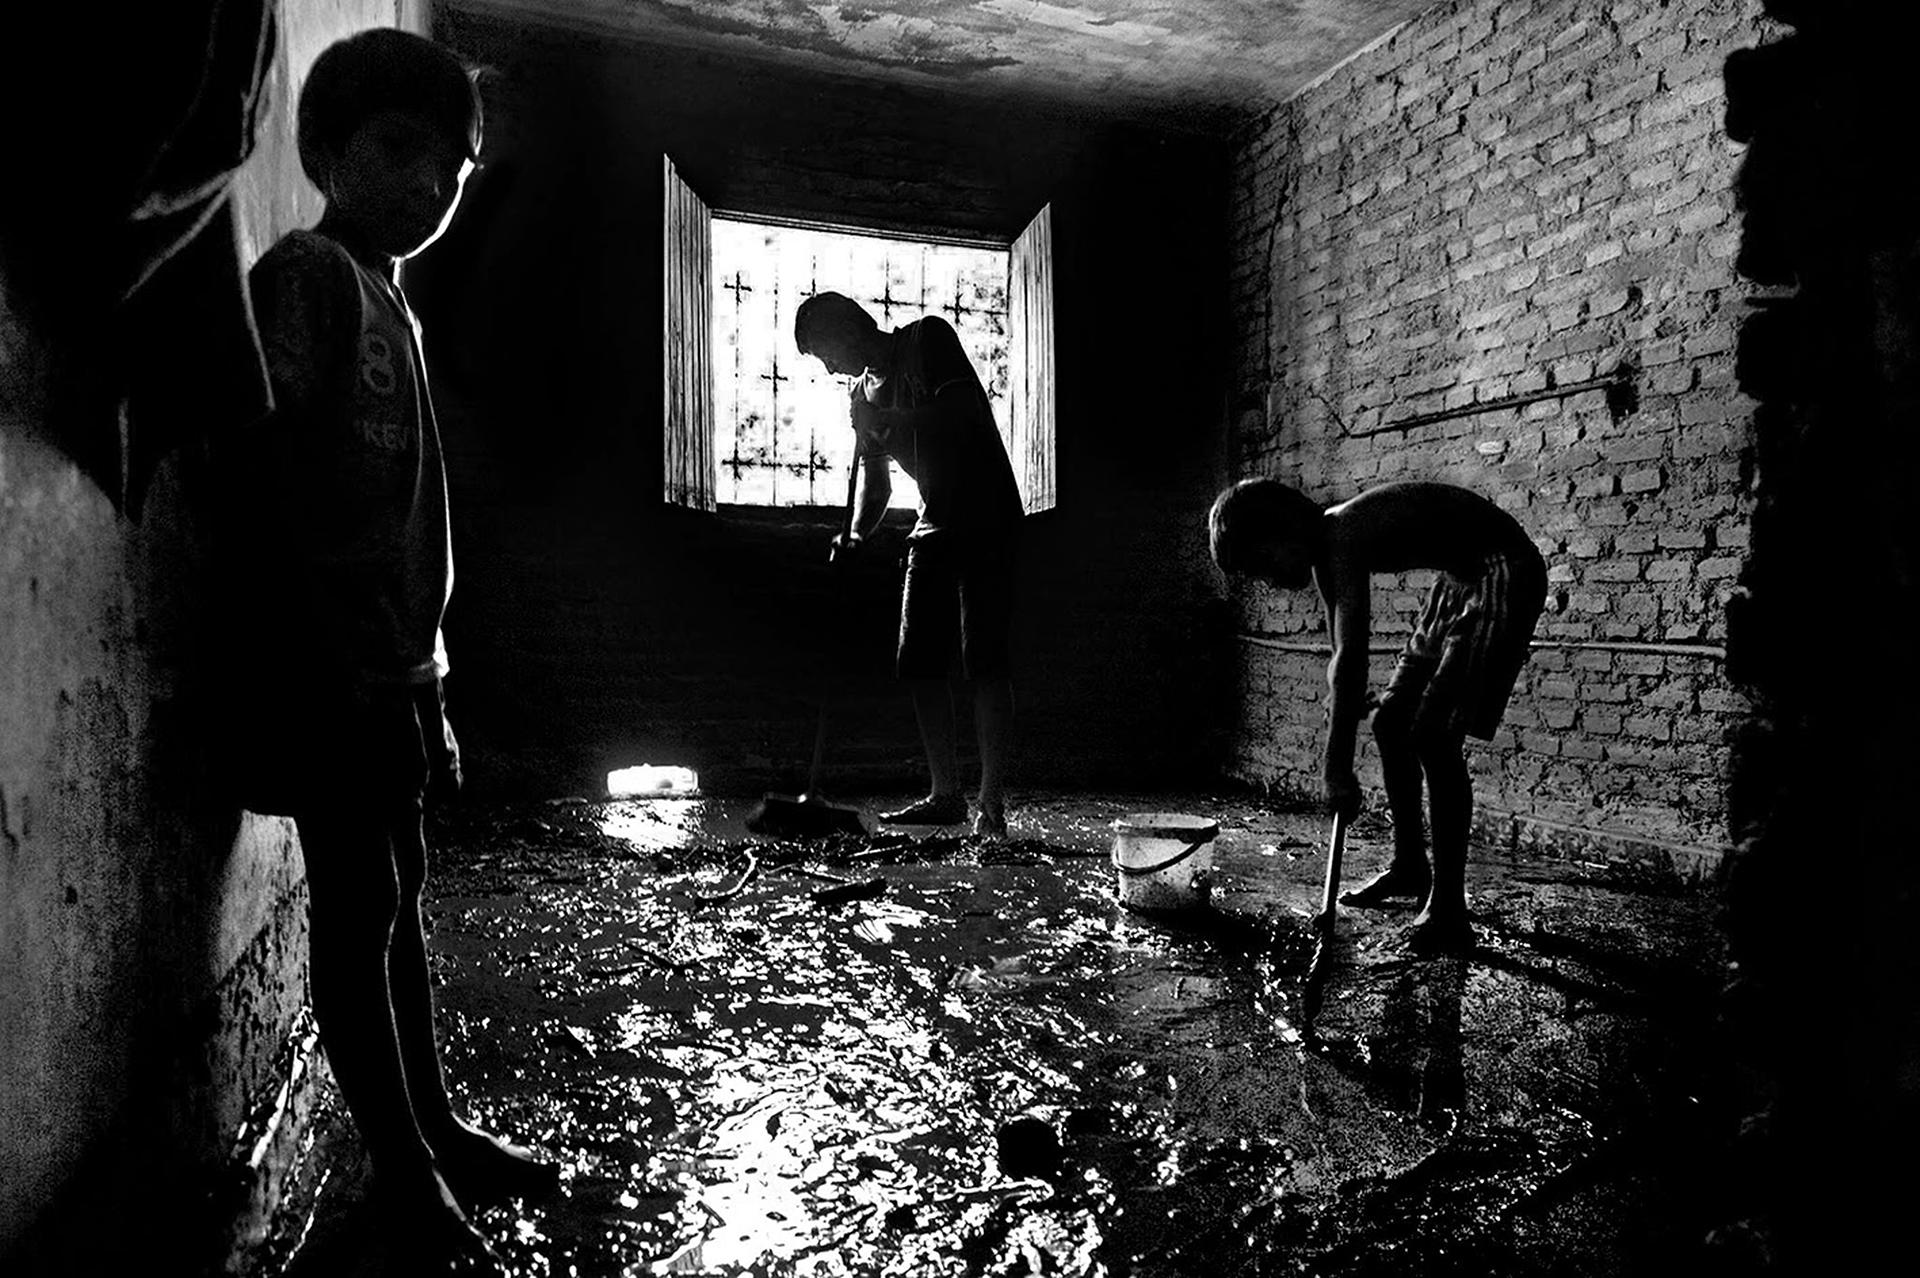 Los habitantes del barrio Miguel Lillo en San Miguel de Tucumán, al costado del Canal Sur, tras las inundaciones, quedaron tapados de agua, lodo y basura (Alberto Vera Franco)